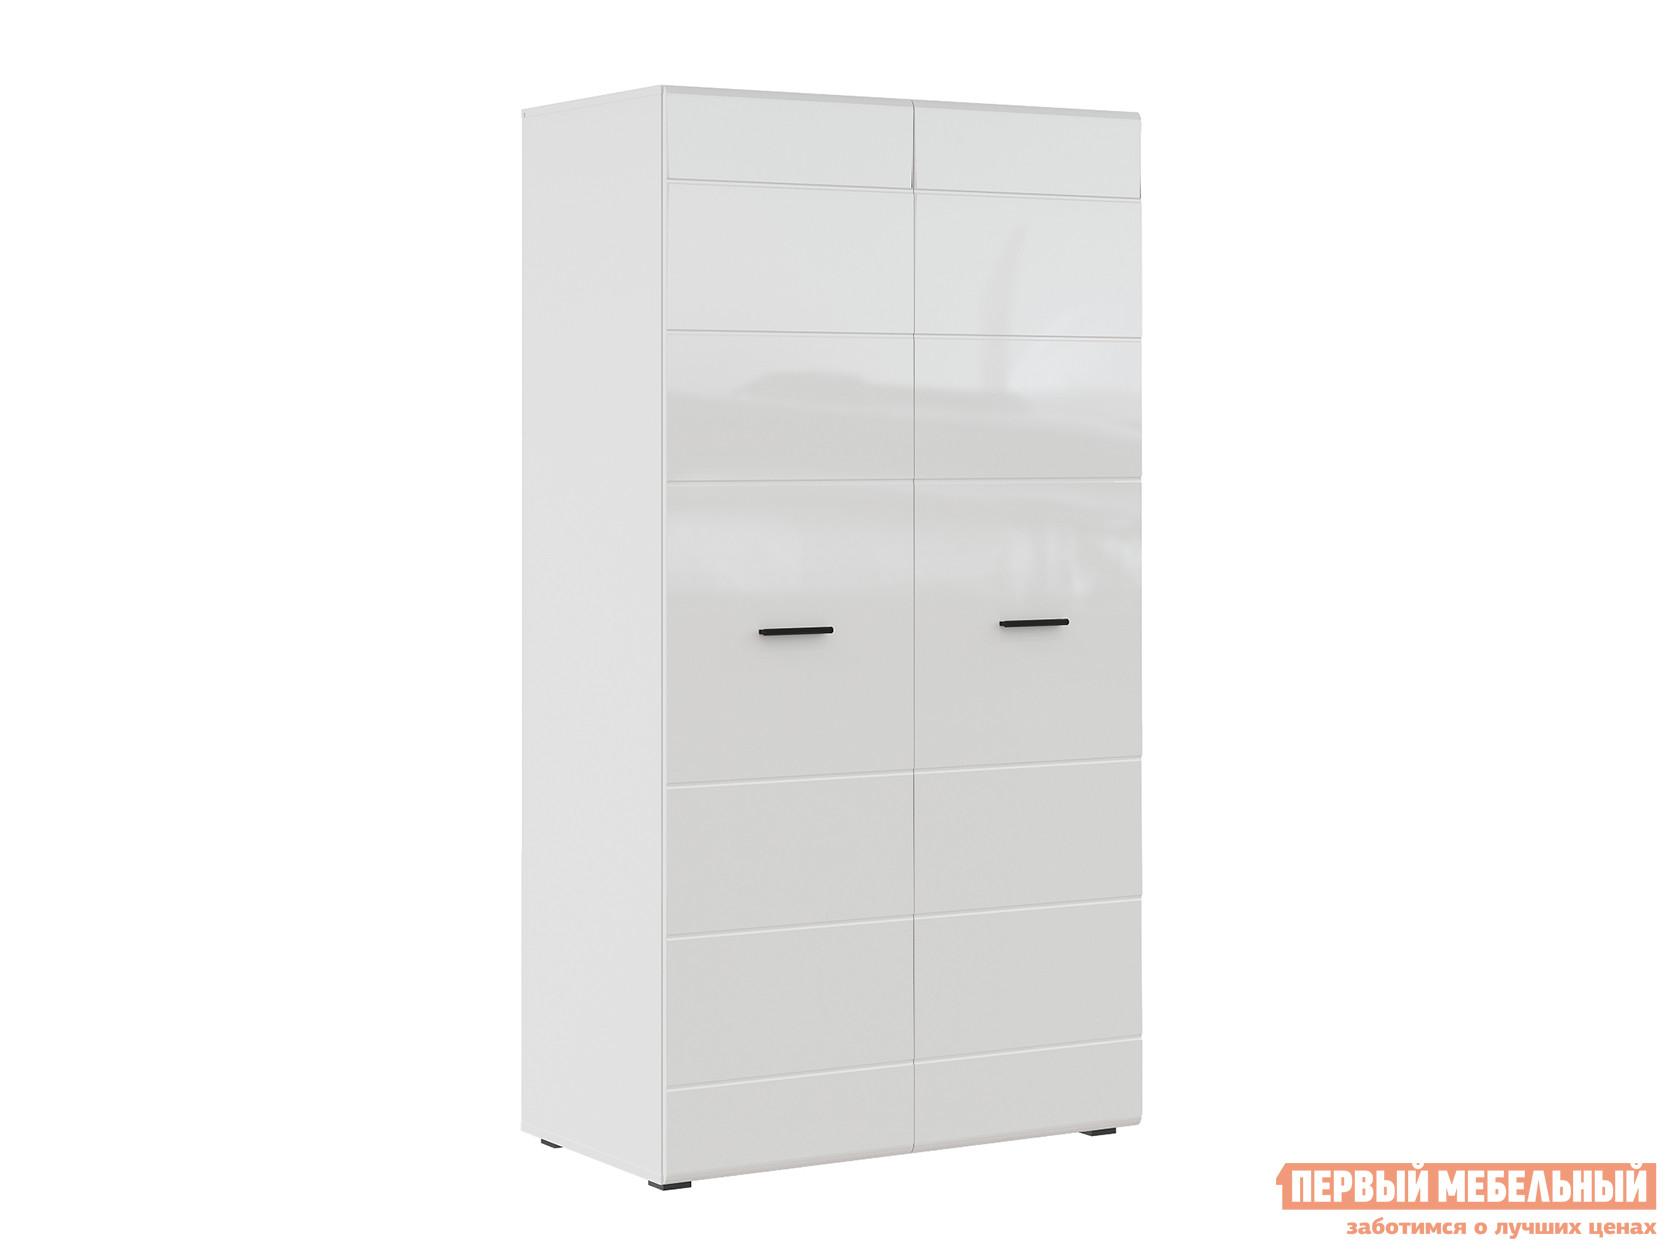 Фото - Распашной шкаф Первый Мебельный GLOSS шкаф 2-х дверный 71373114 распашной шкаф первый мебельный шкаф 3 х дверный глухой венето